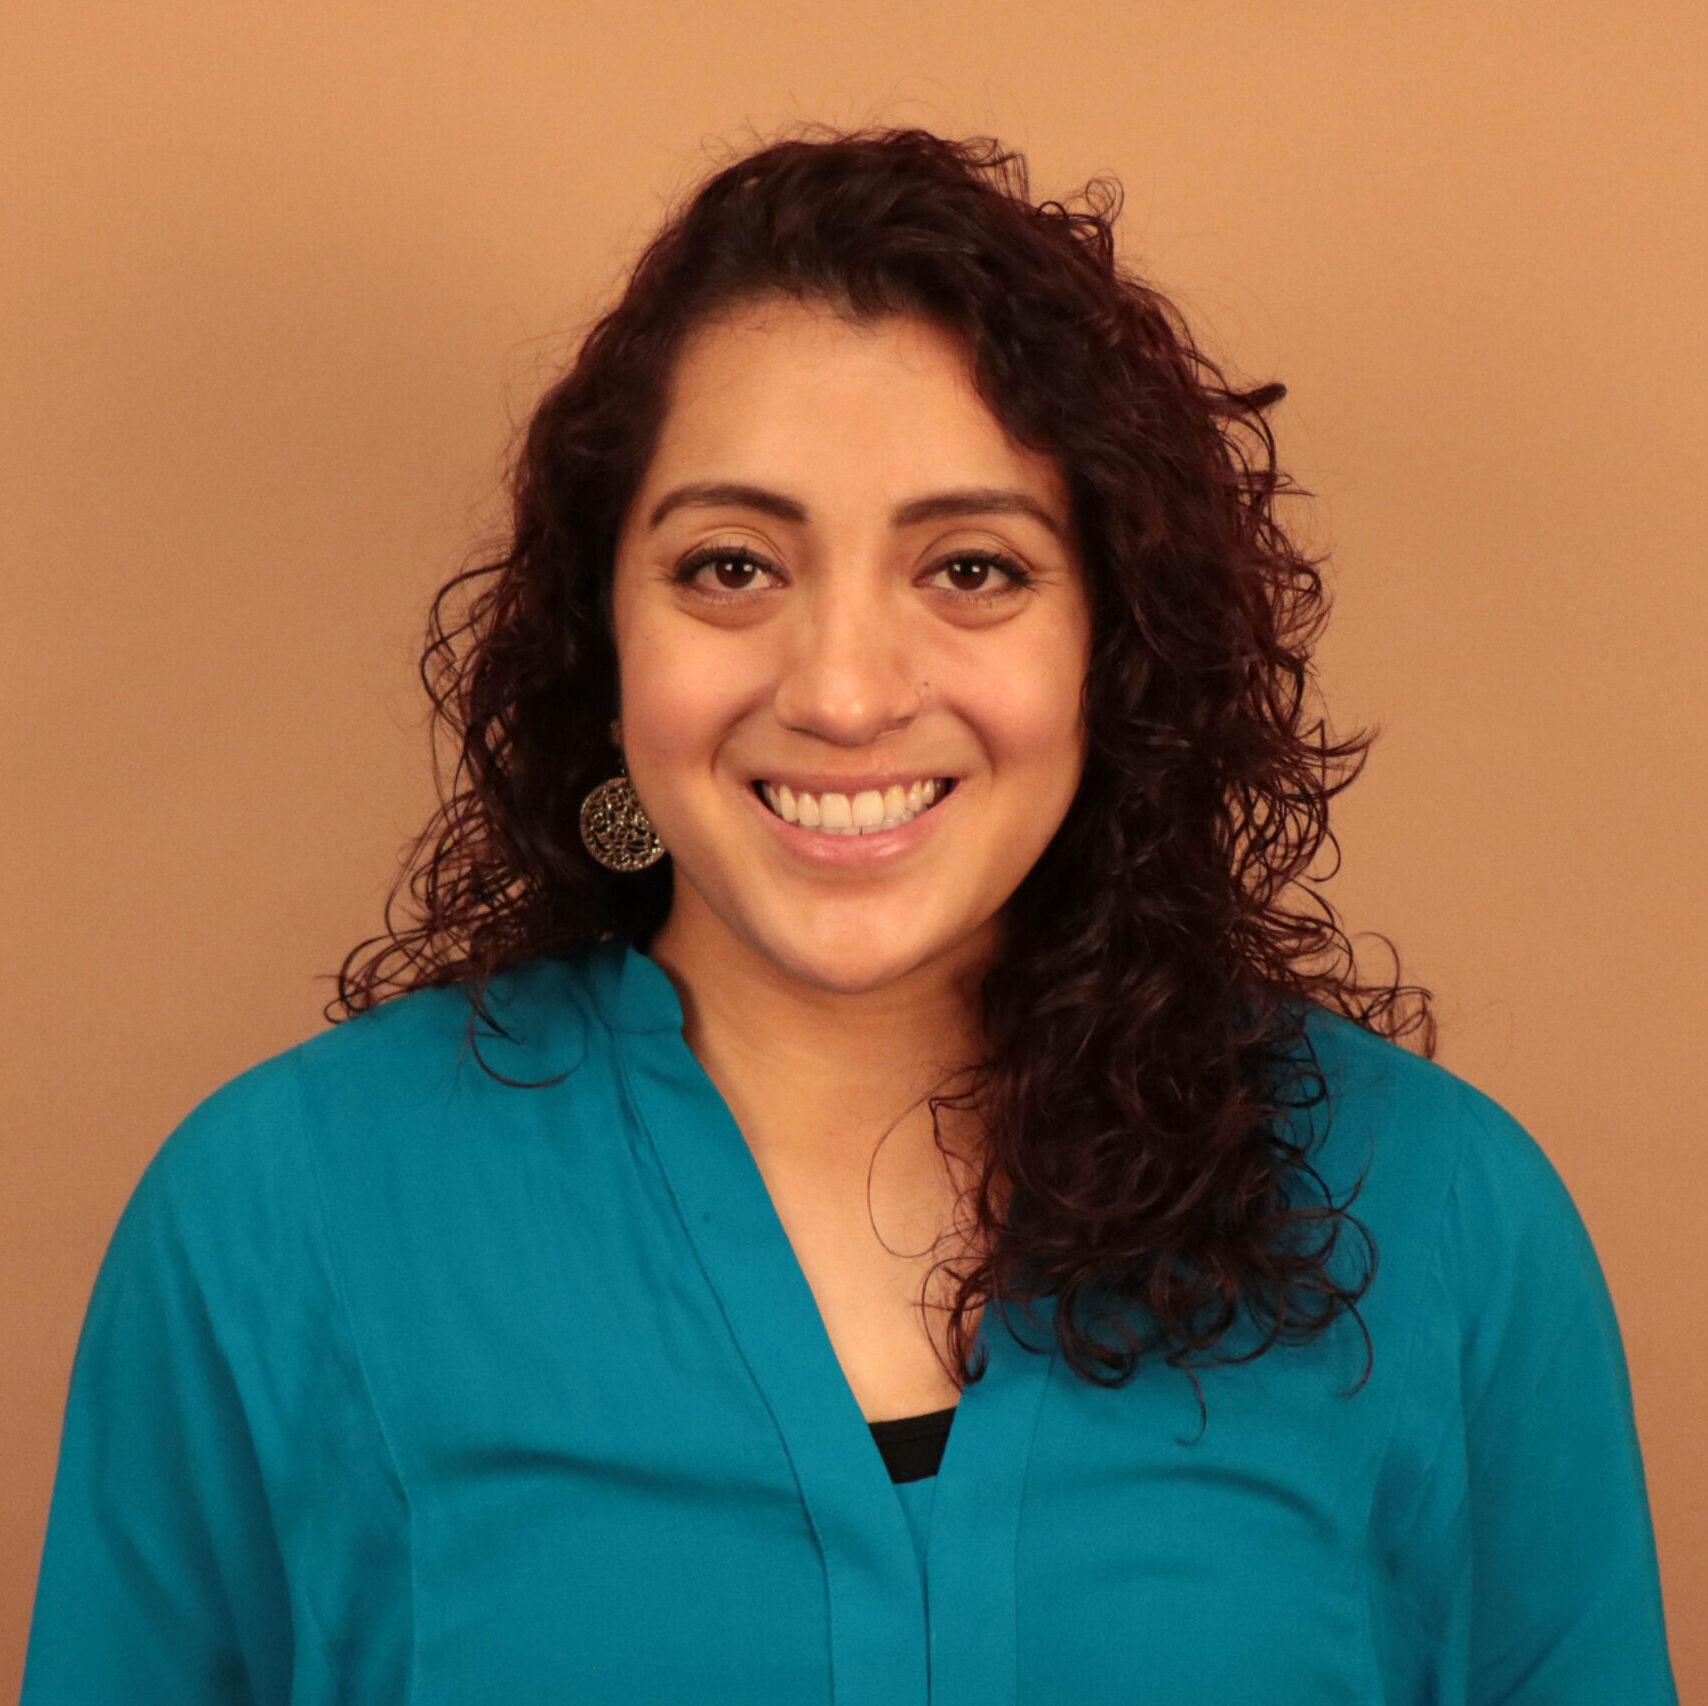 Rebecca Cortez